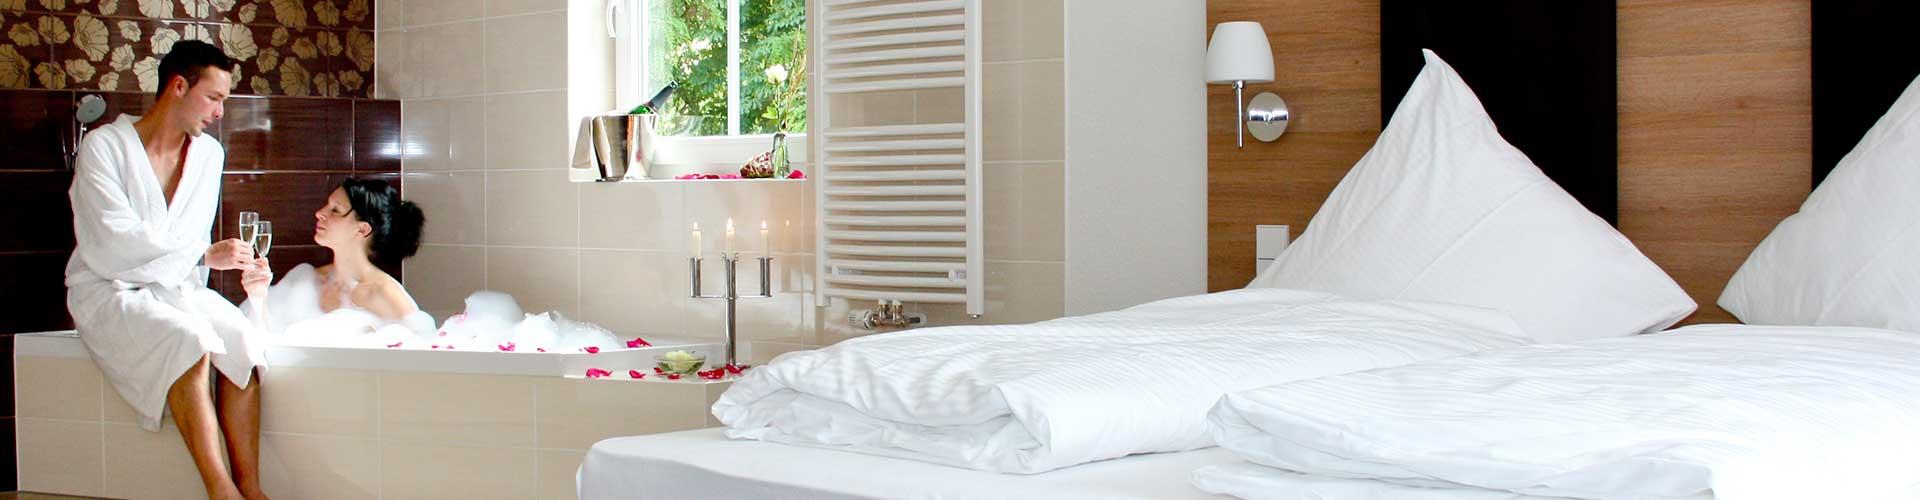 Superior-Doppelbett-Zimmer mit großer Badewanne.